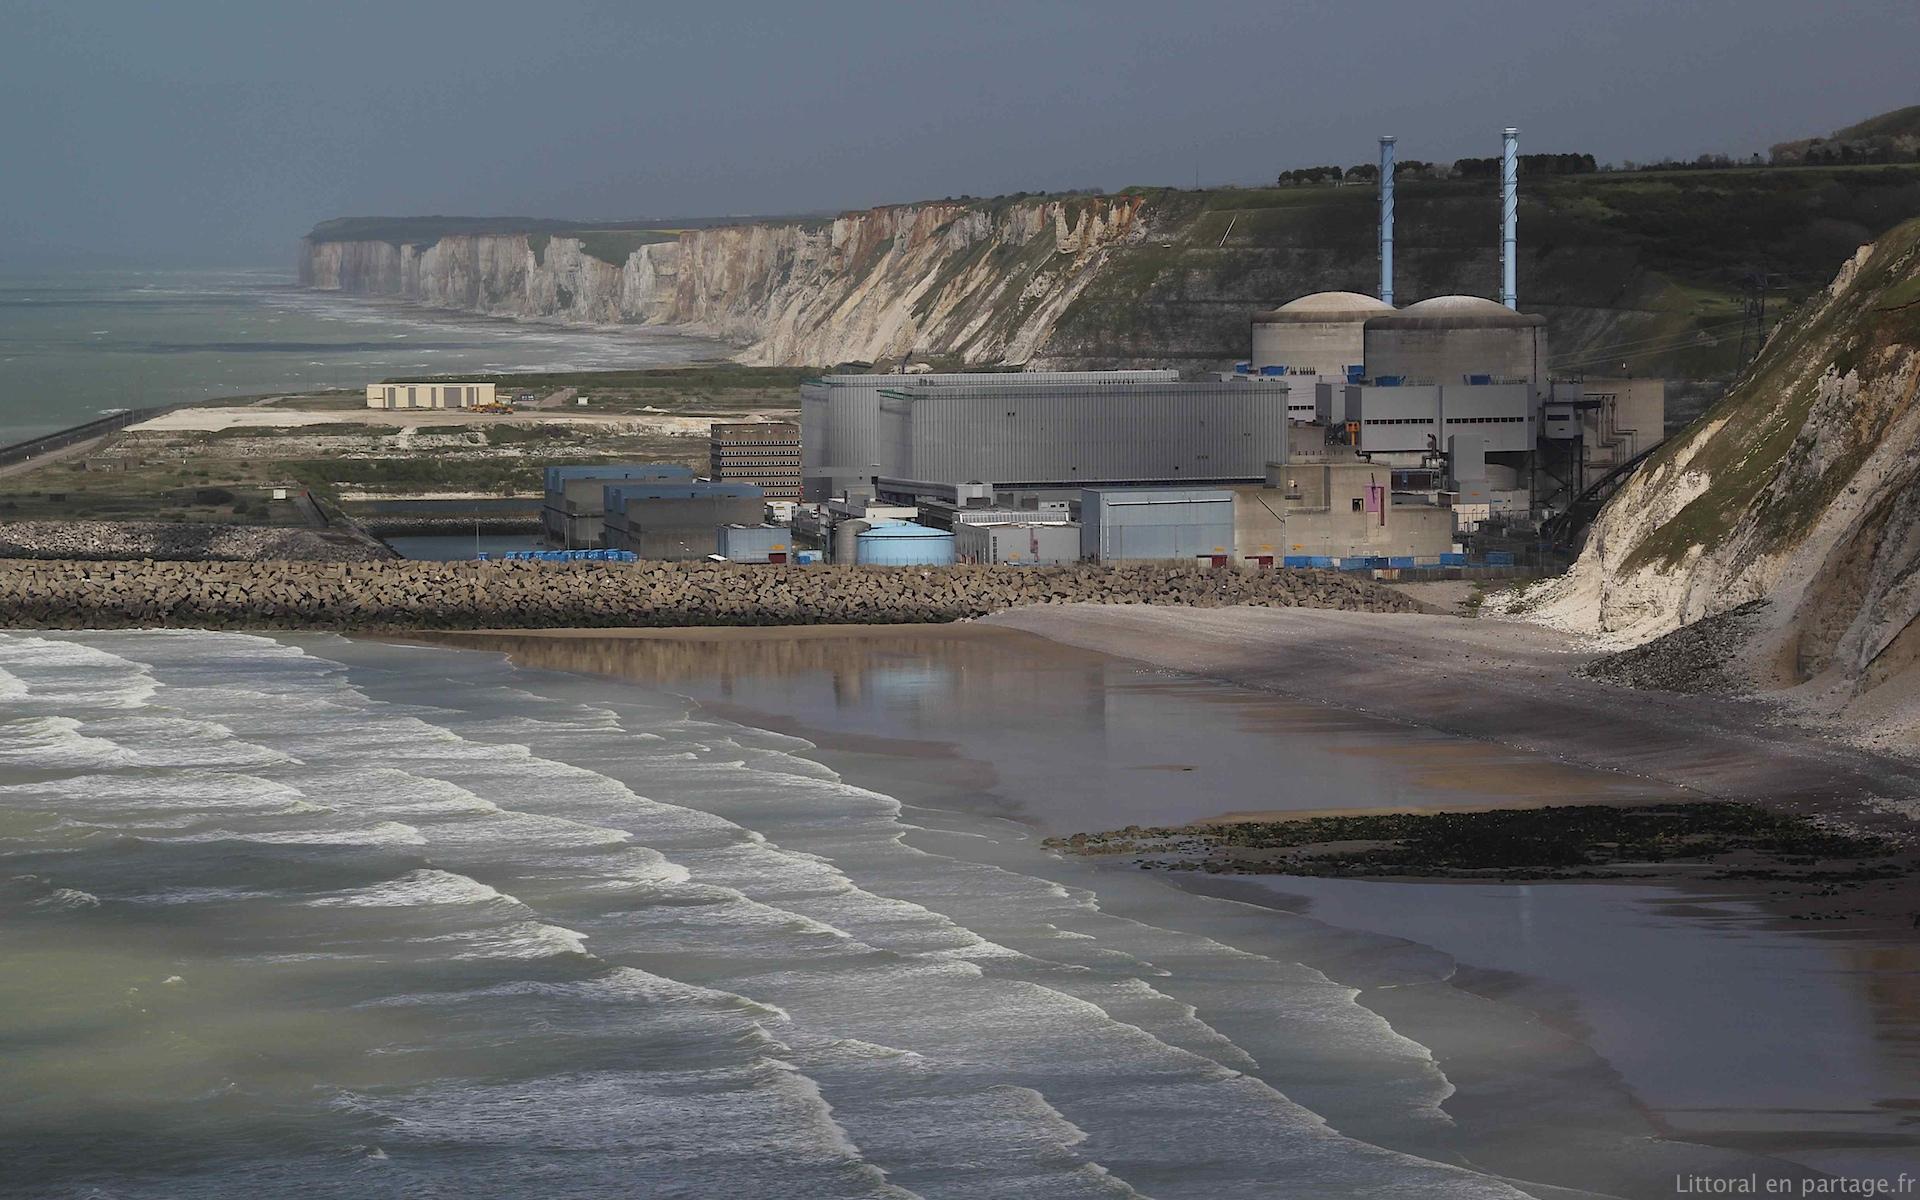 Dossier 7 le nucl aire et la mer littoral en partage - La cote la centrale ...